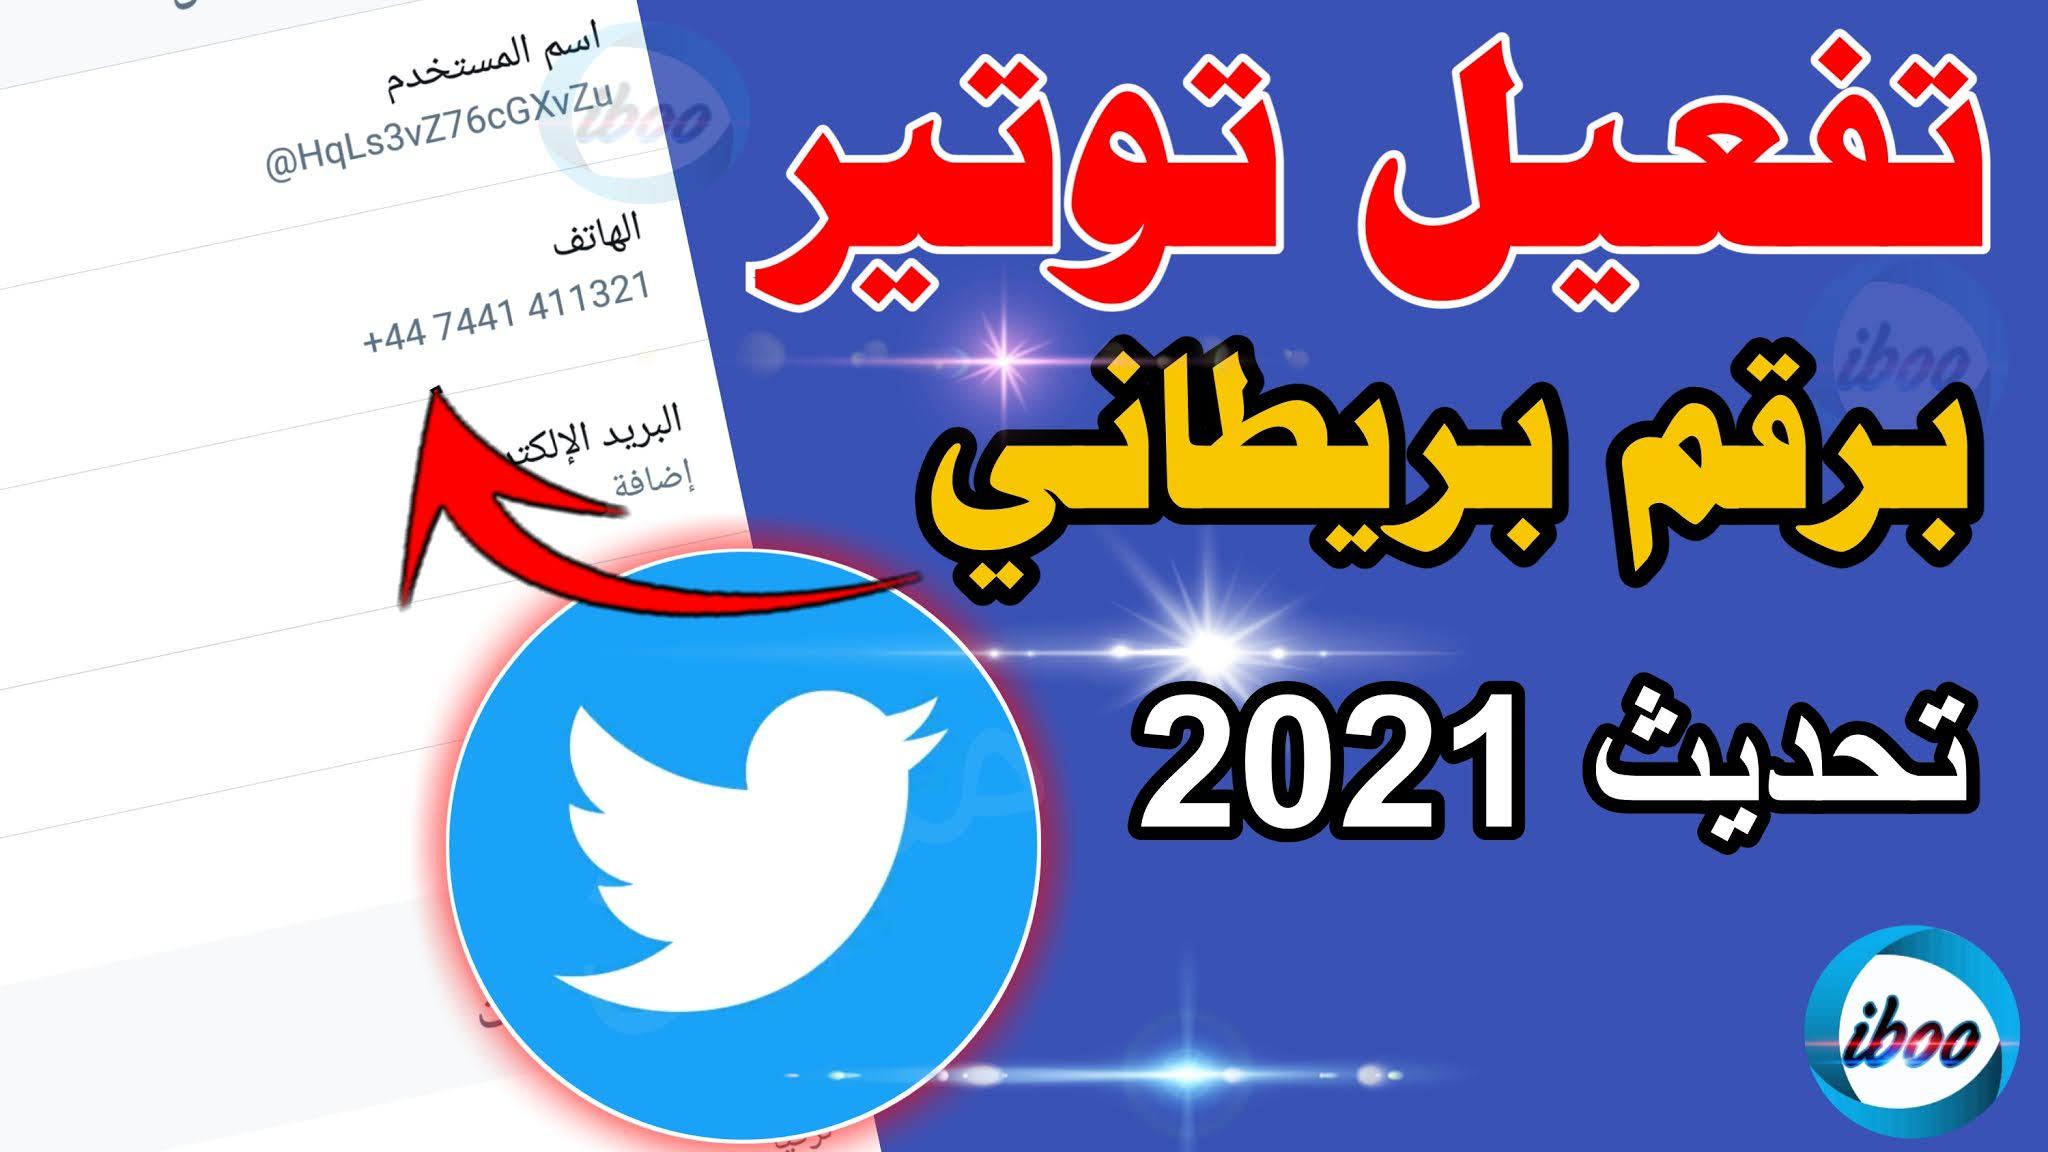 طريقة تفعيل حساب تويتر عبر رقم بريطاني وهمي في جميع الدول 2021